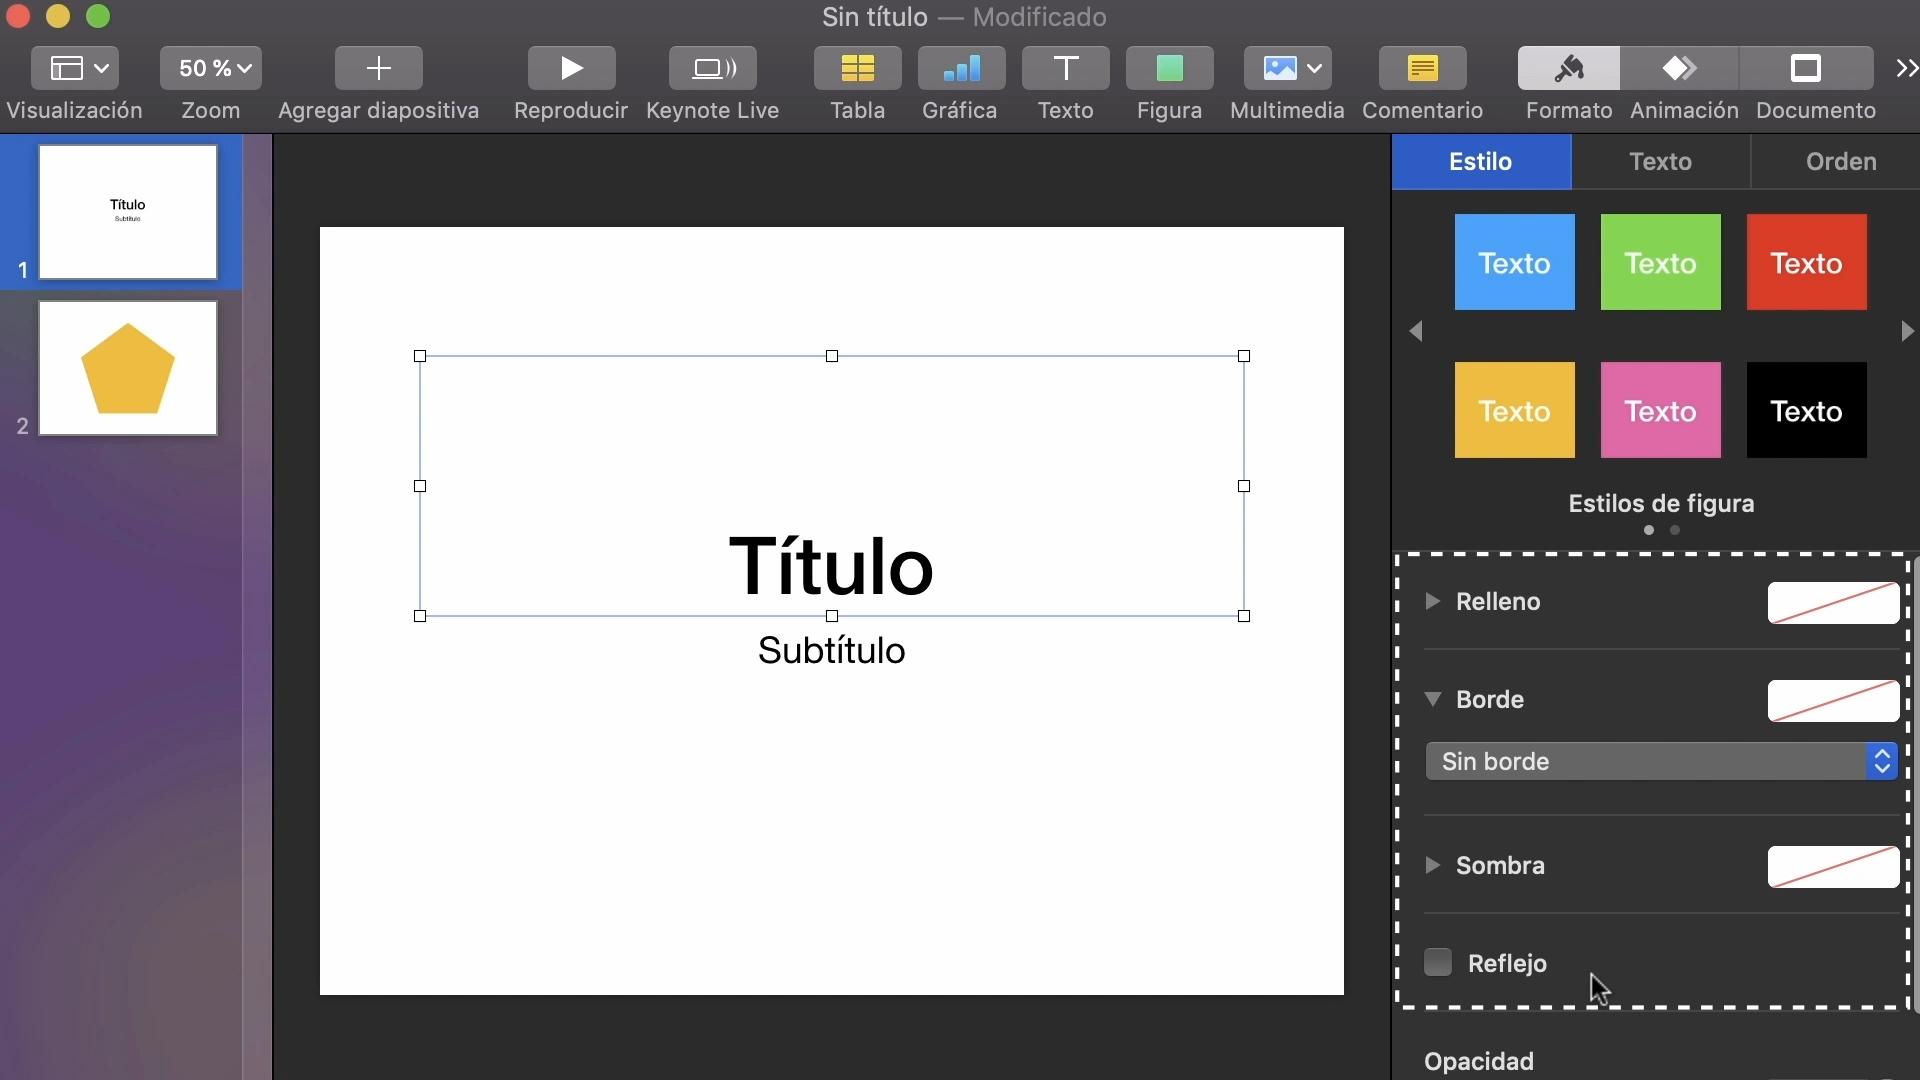 Imagen de Keynote explorando las opciones Relleno, Borde, Sombra y Reflejo.